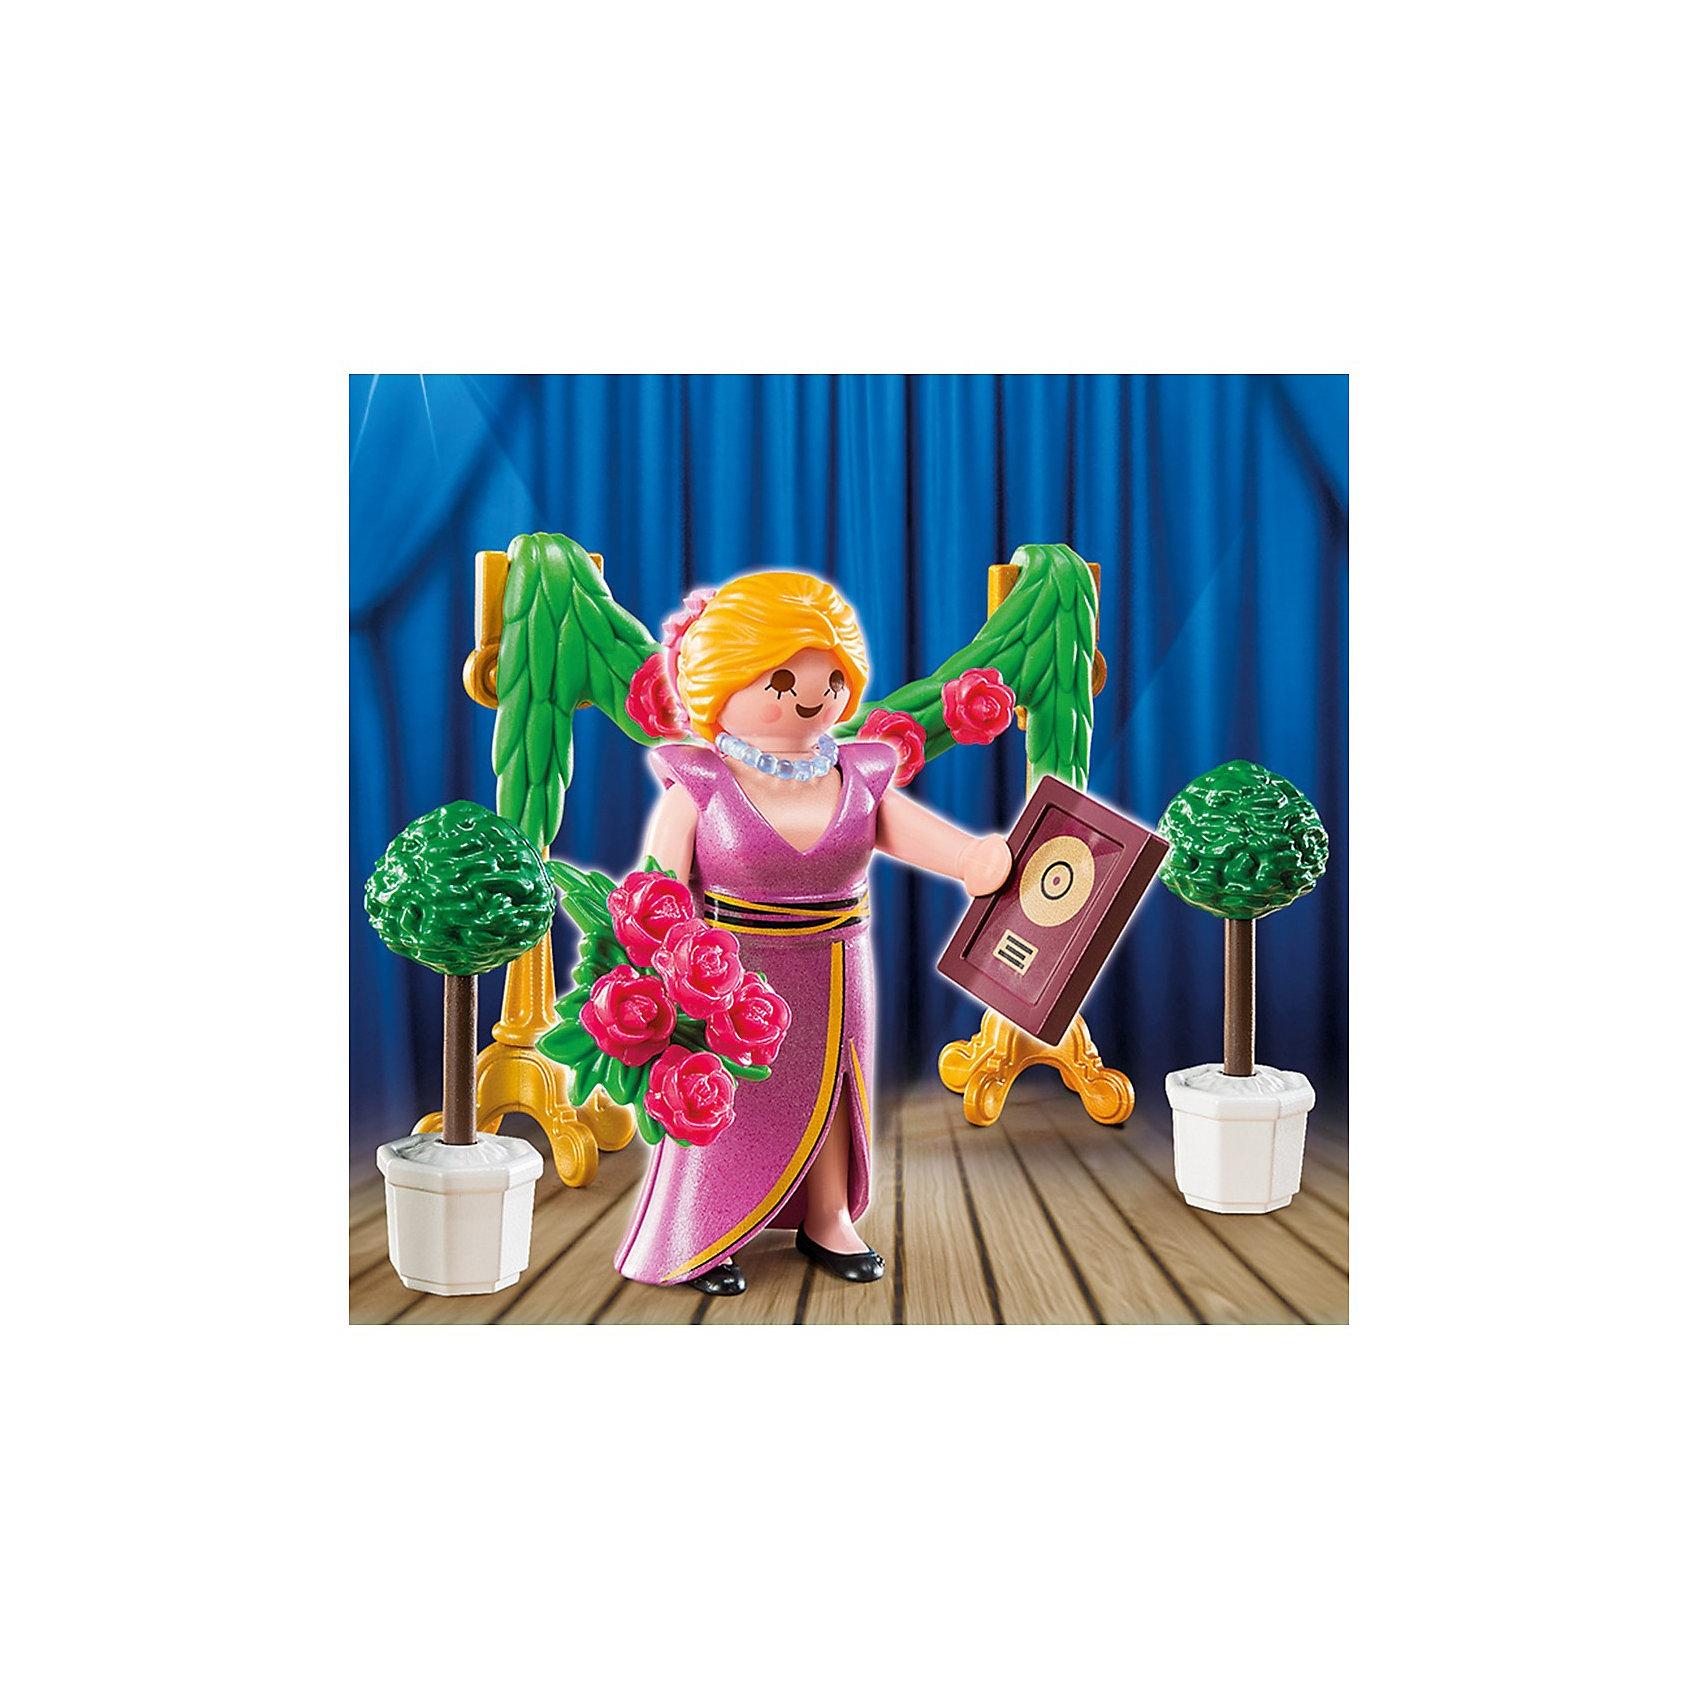 PLAYMOBIL® Экстра-набор: Знаменитость с наградой, PLAYMOBIL playmobil® экстра набор пират и сундук с сокровищами playmobil